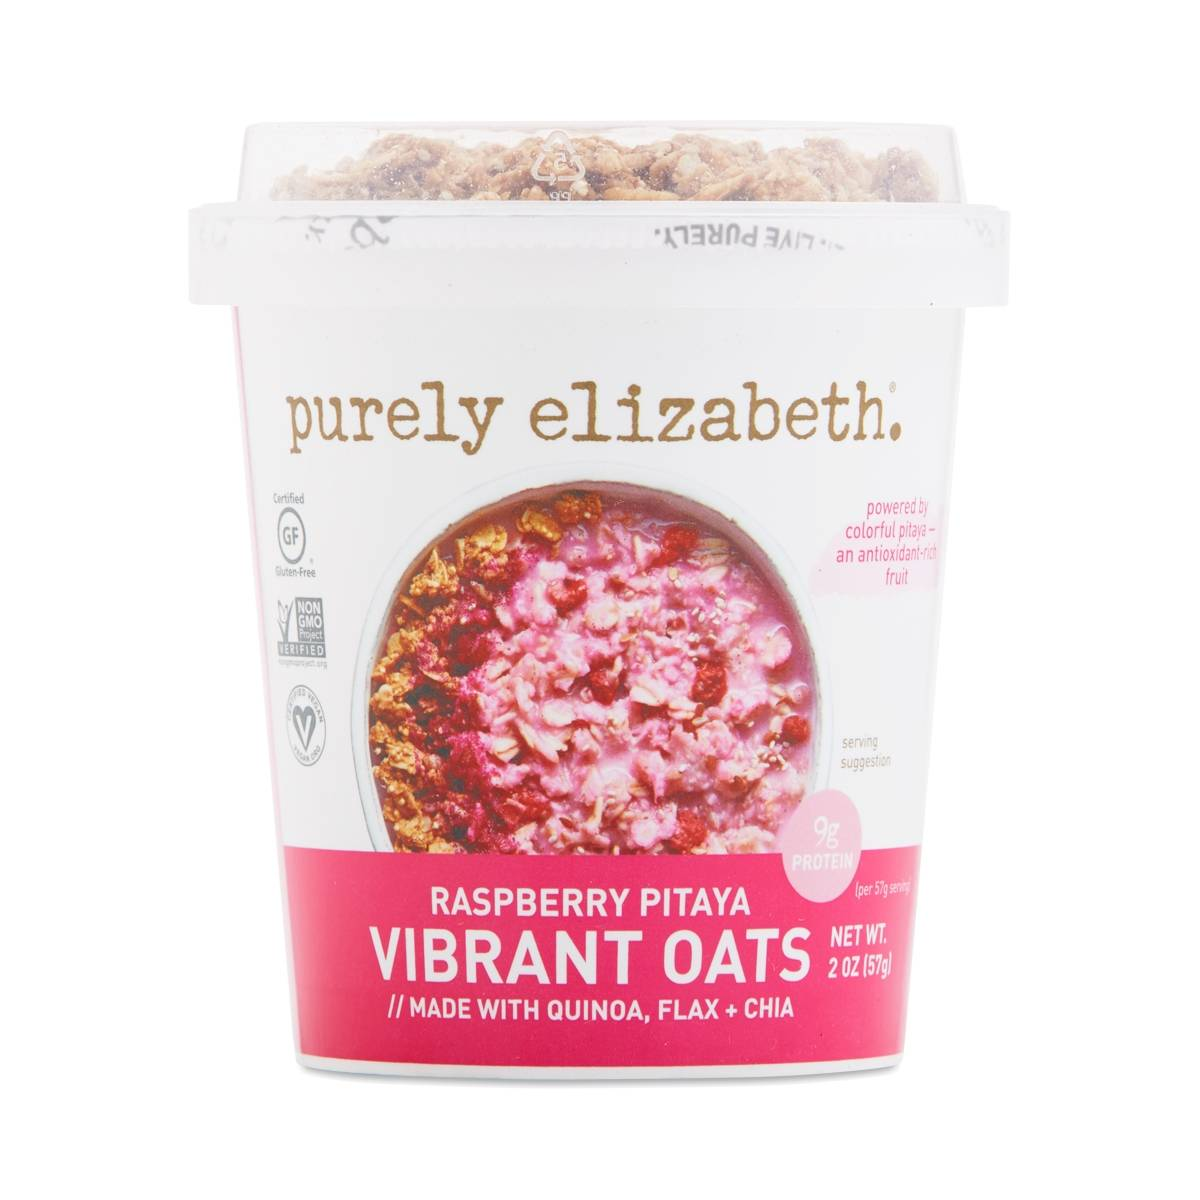 Purely Elizabeth Vibrant Oats Cup, Raspberry Pitaya - Thrive Market